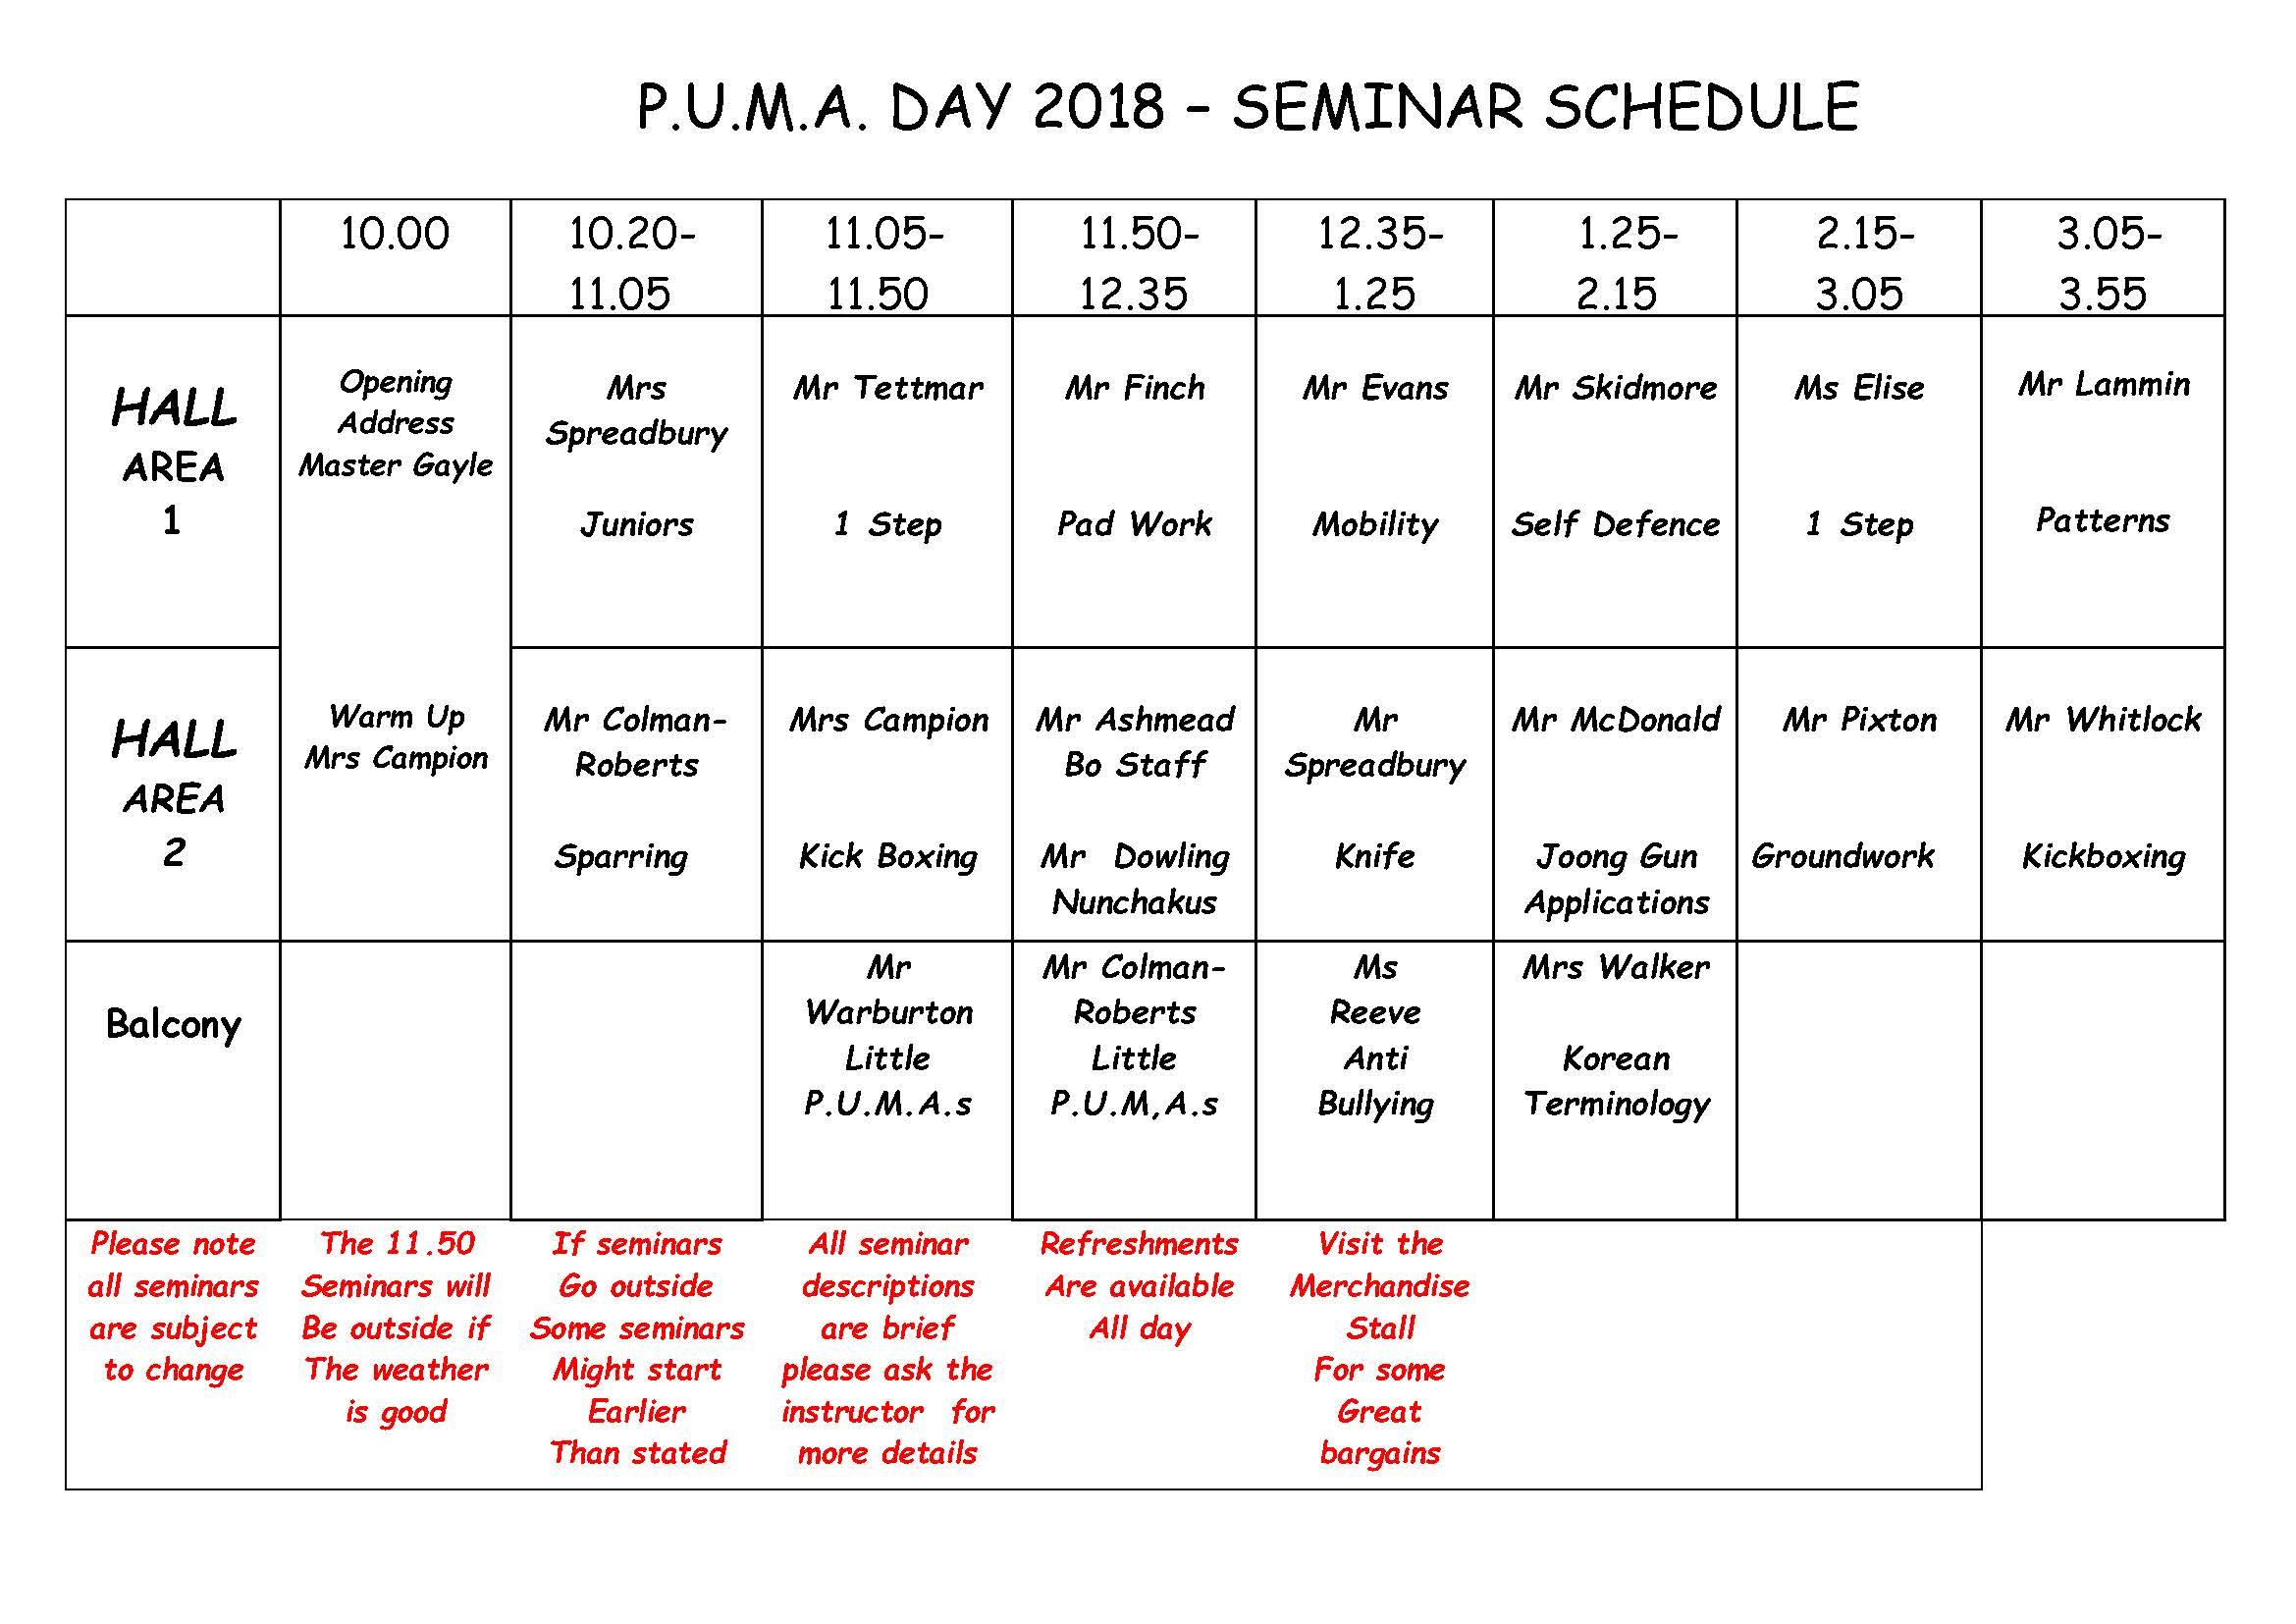 PUMA day schedule 2018